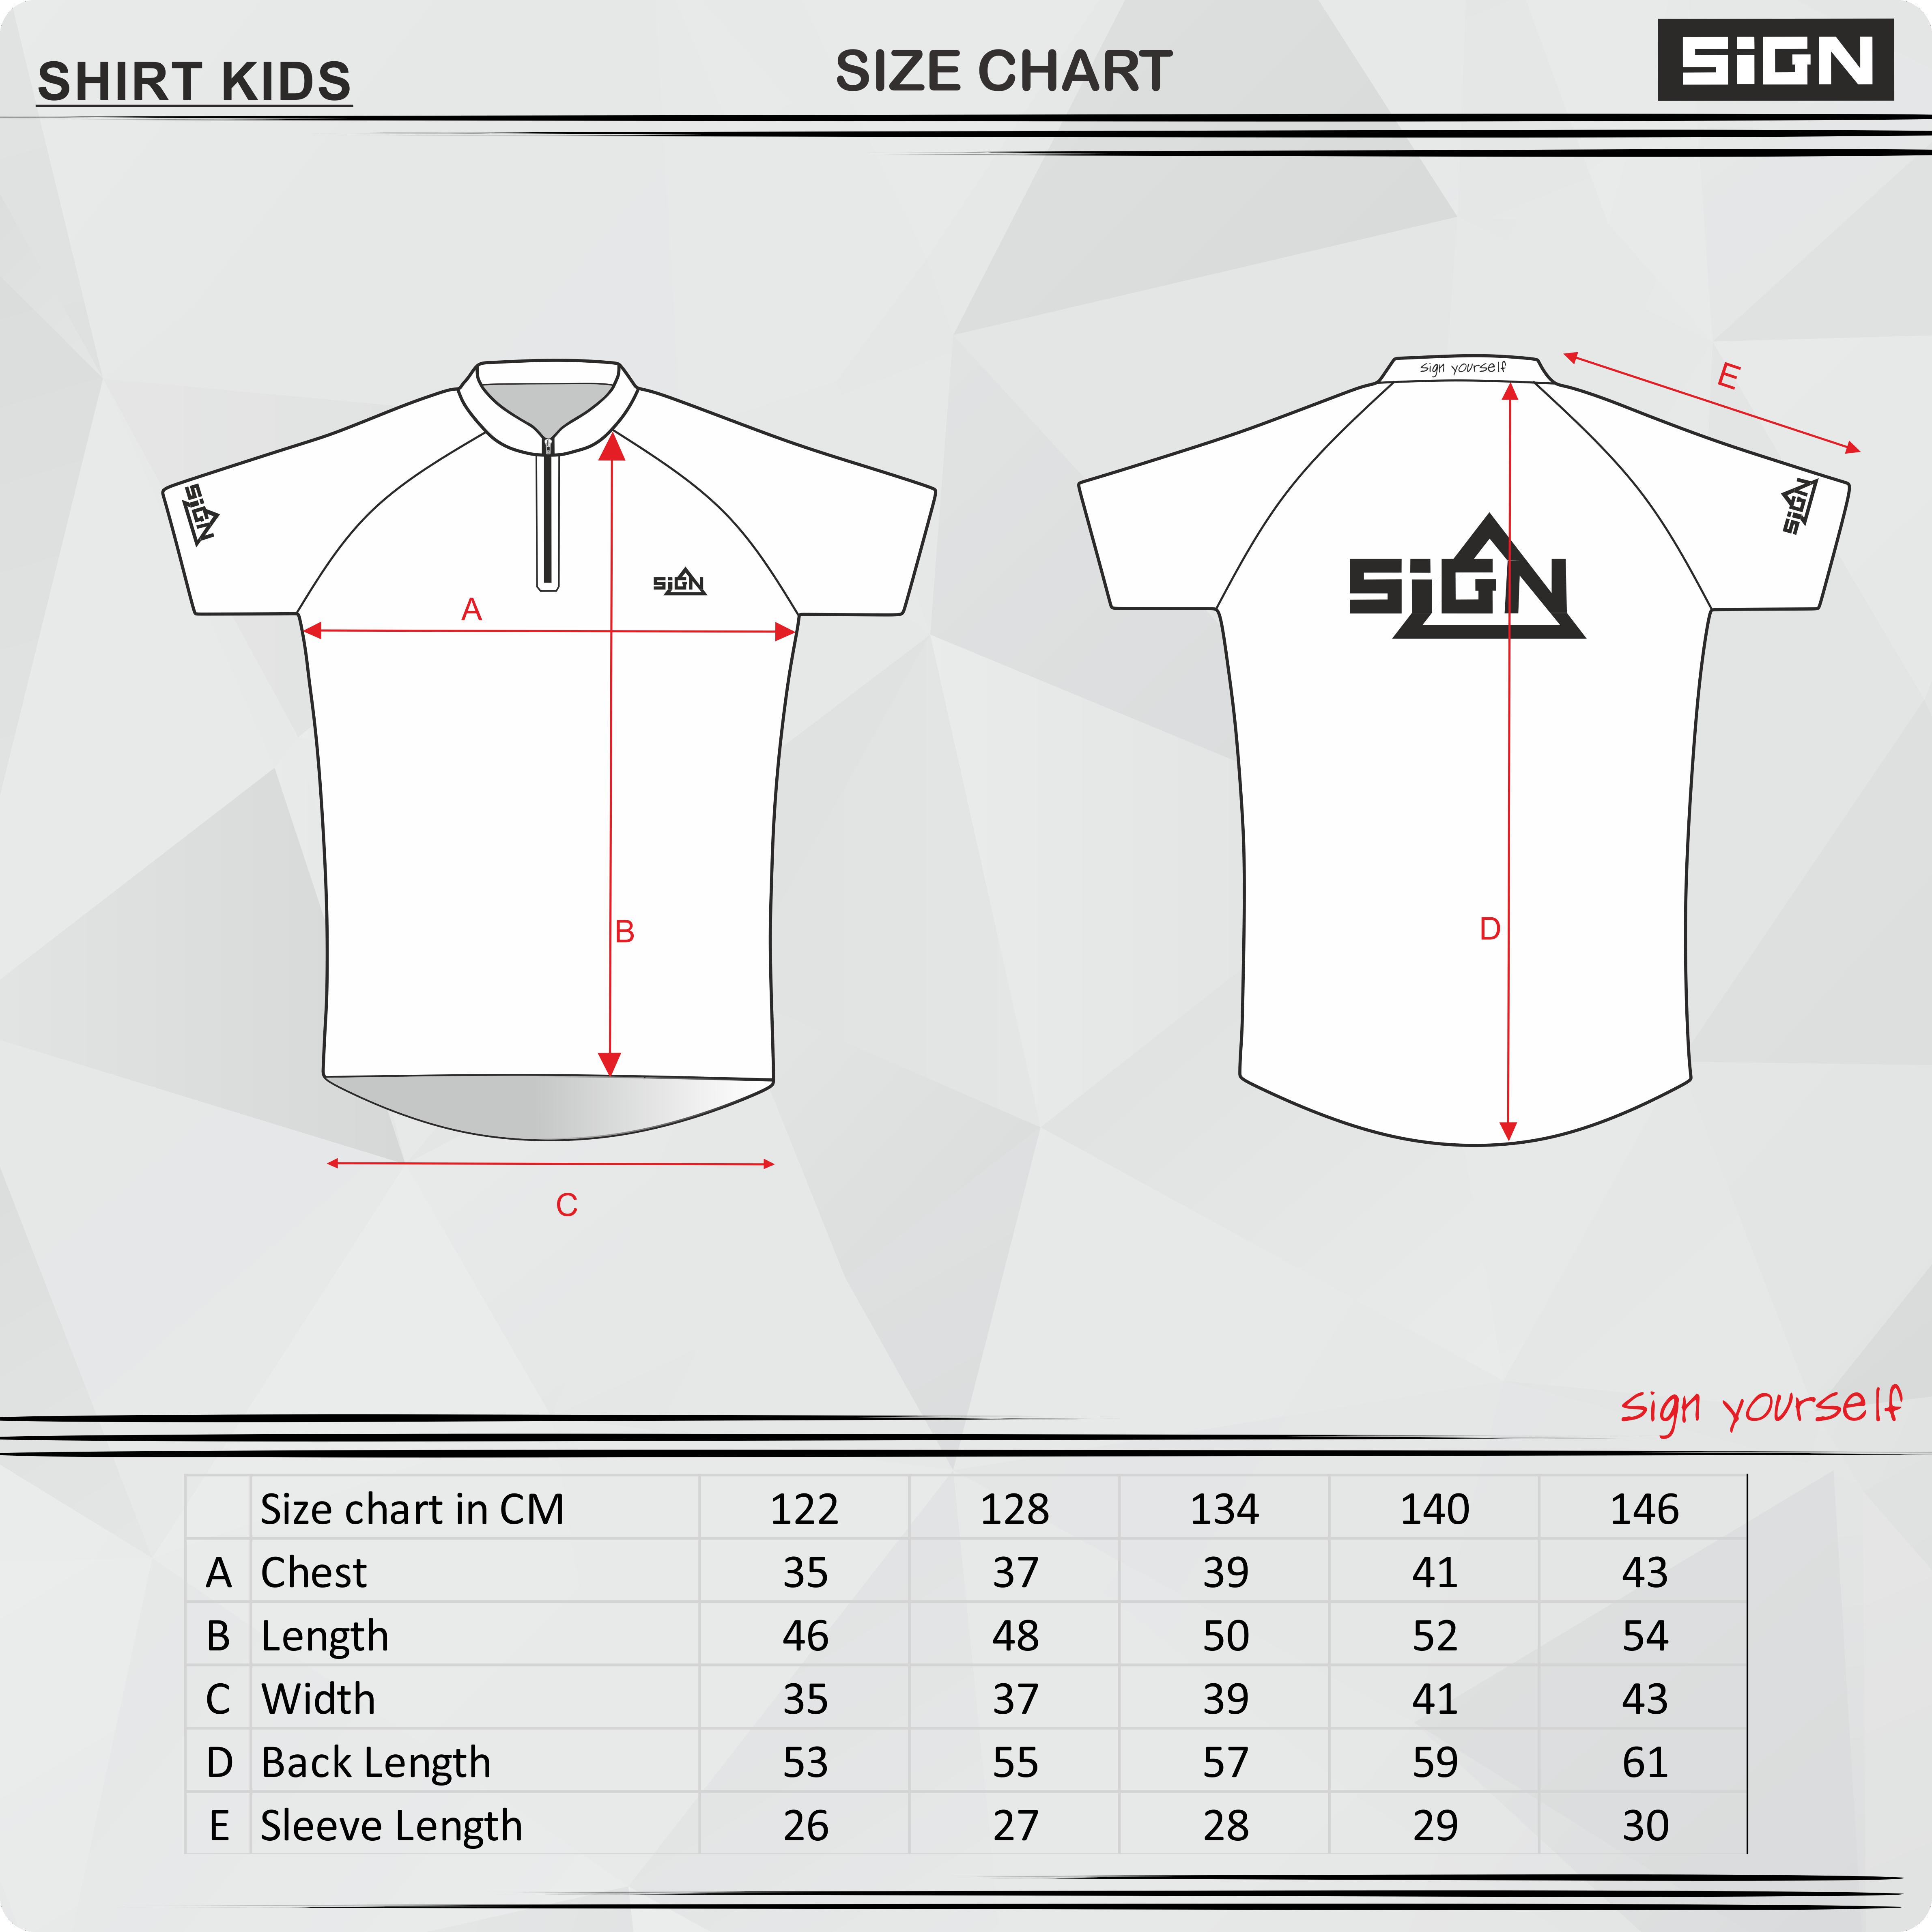 Shirt_Kids